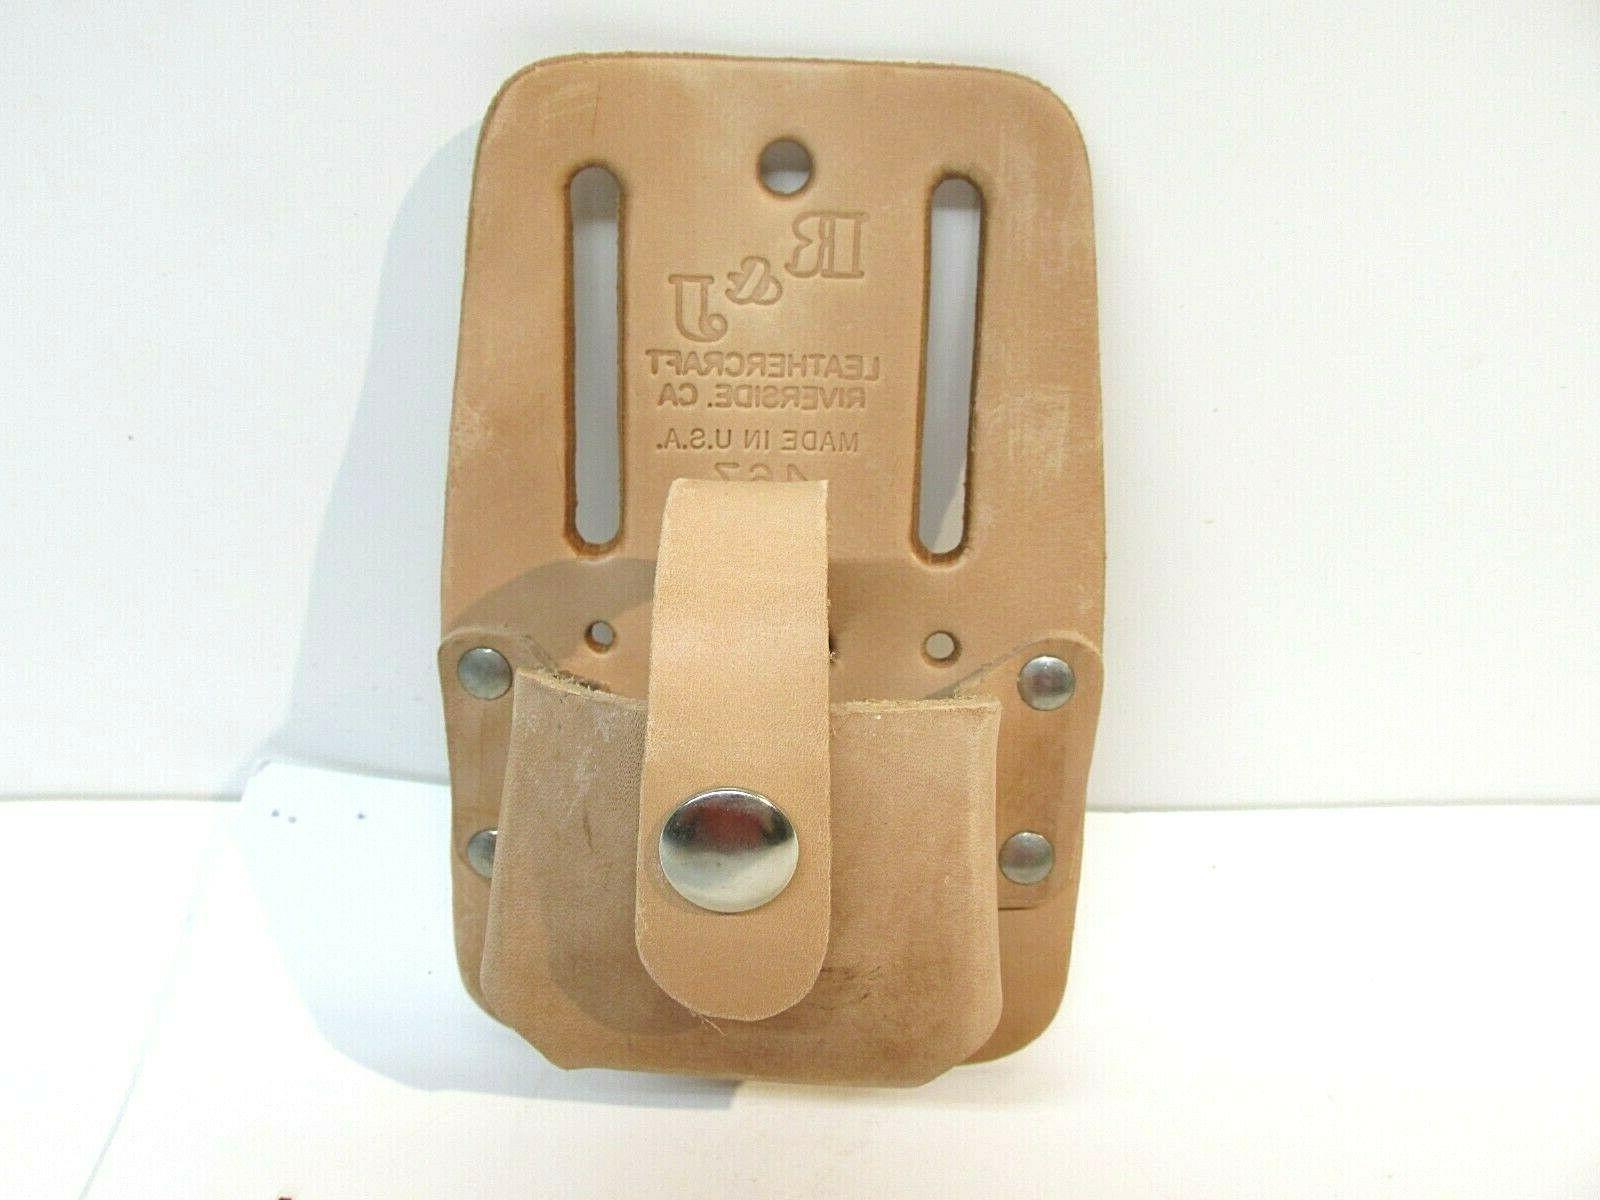 carpenter tools leather tape measure belt holder